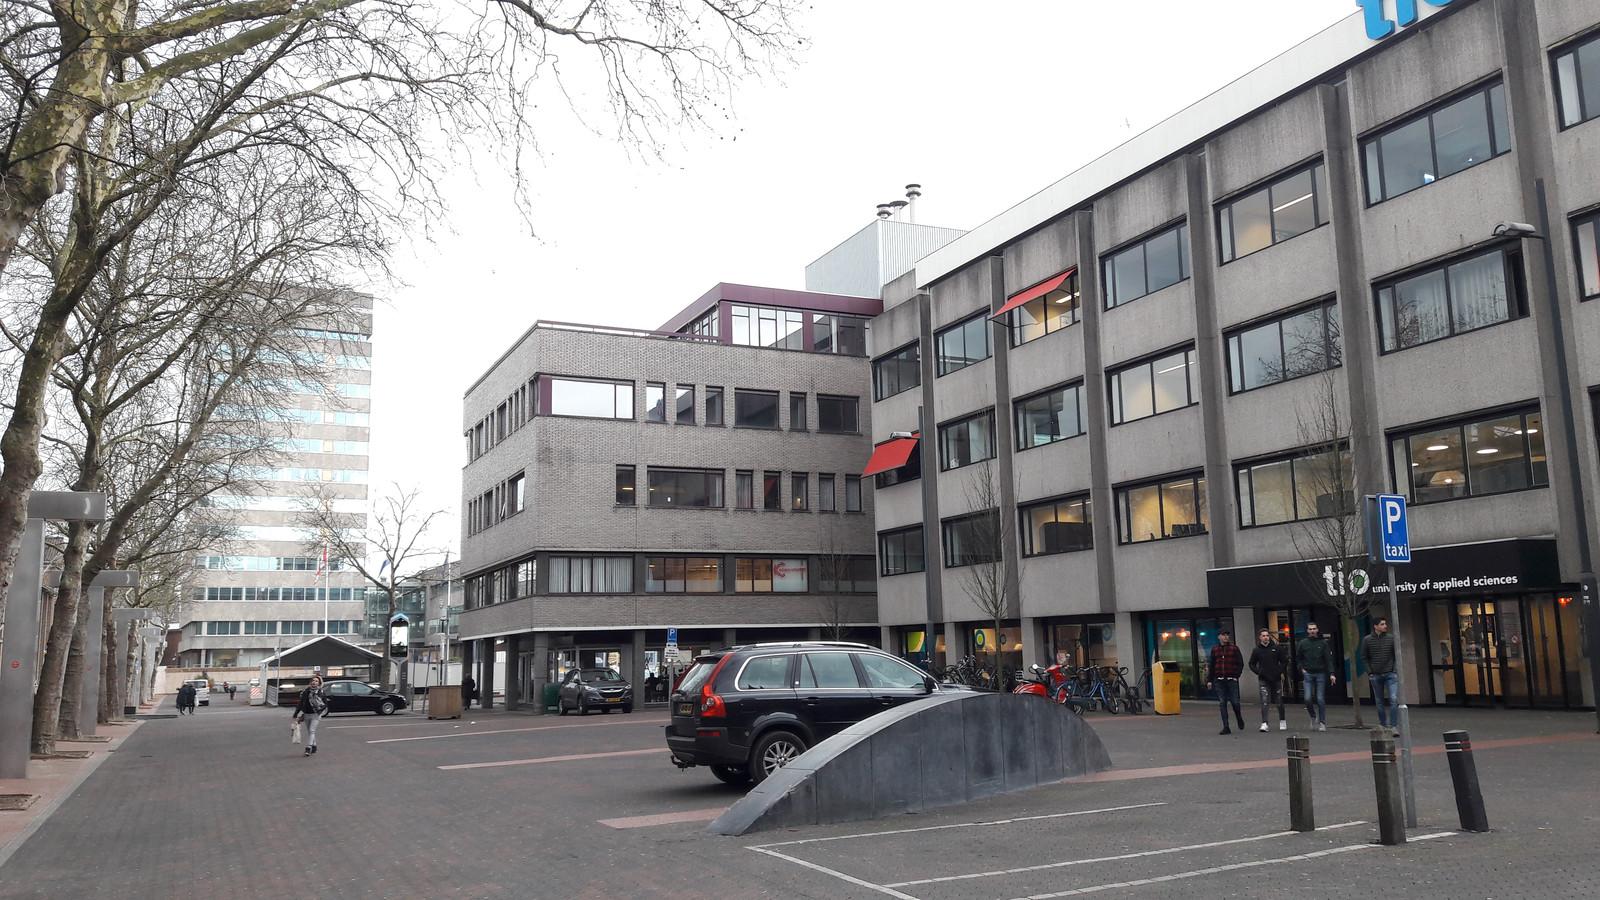 Hogeschool TIO aan de Begijnenhof in Eindhoven.